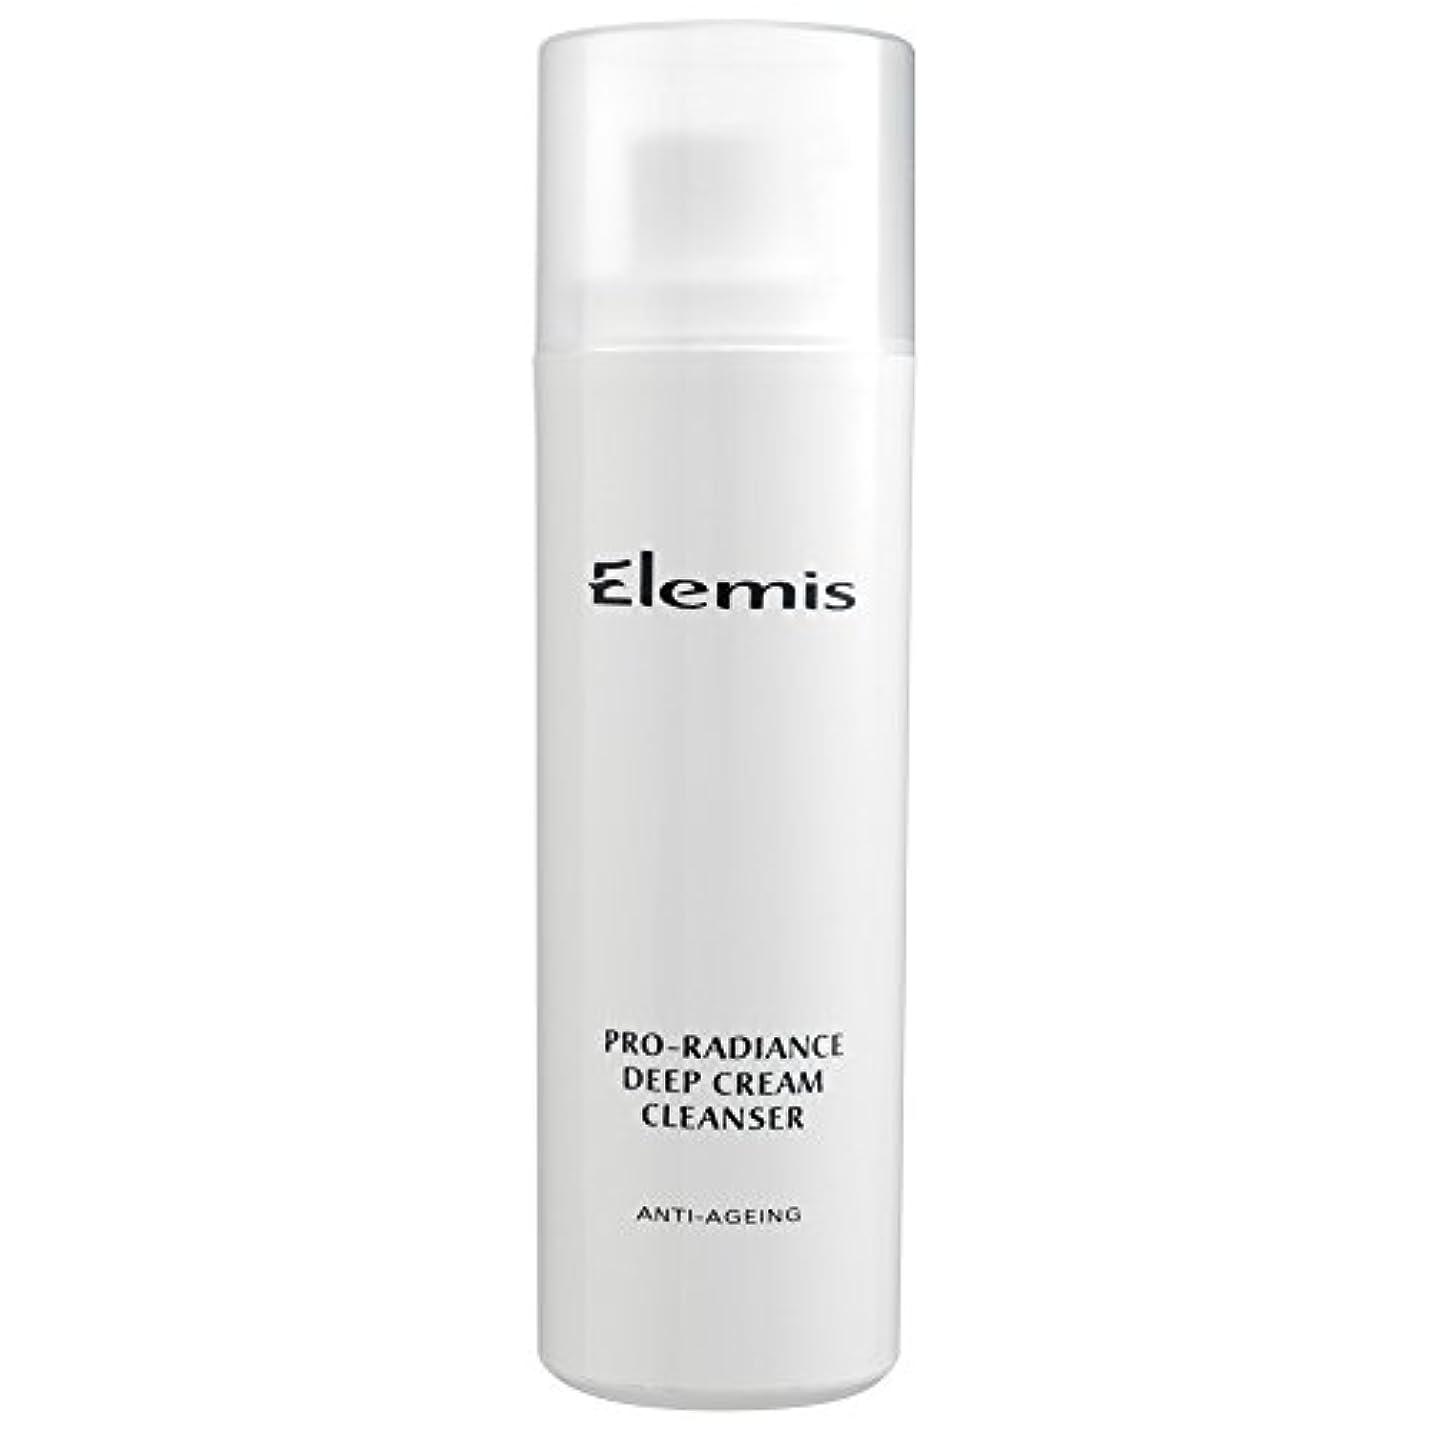 耳嫌なまたエレミスプロ輝きクリームクレンザー、150ミリリットル (Elemis) - Elemis Pro-Radiance Cream Cleanser, 150ml [並行輸入品]